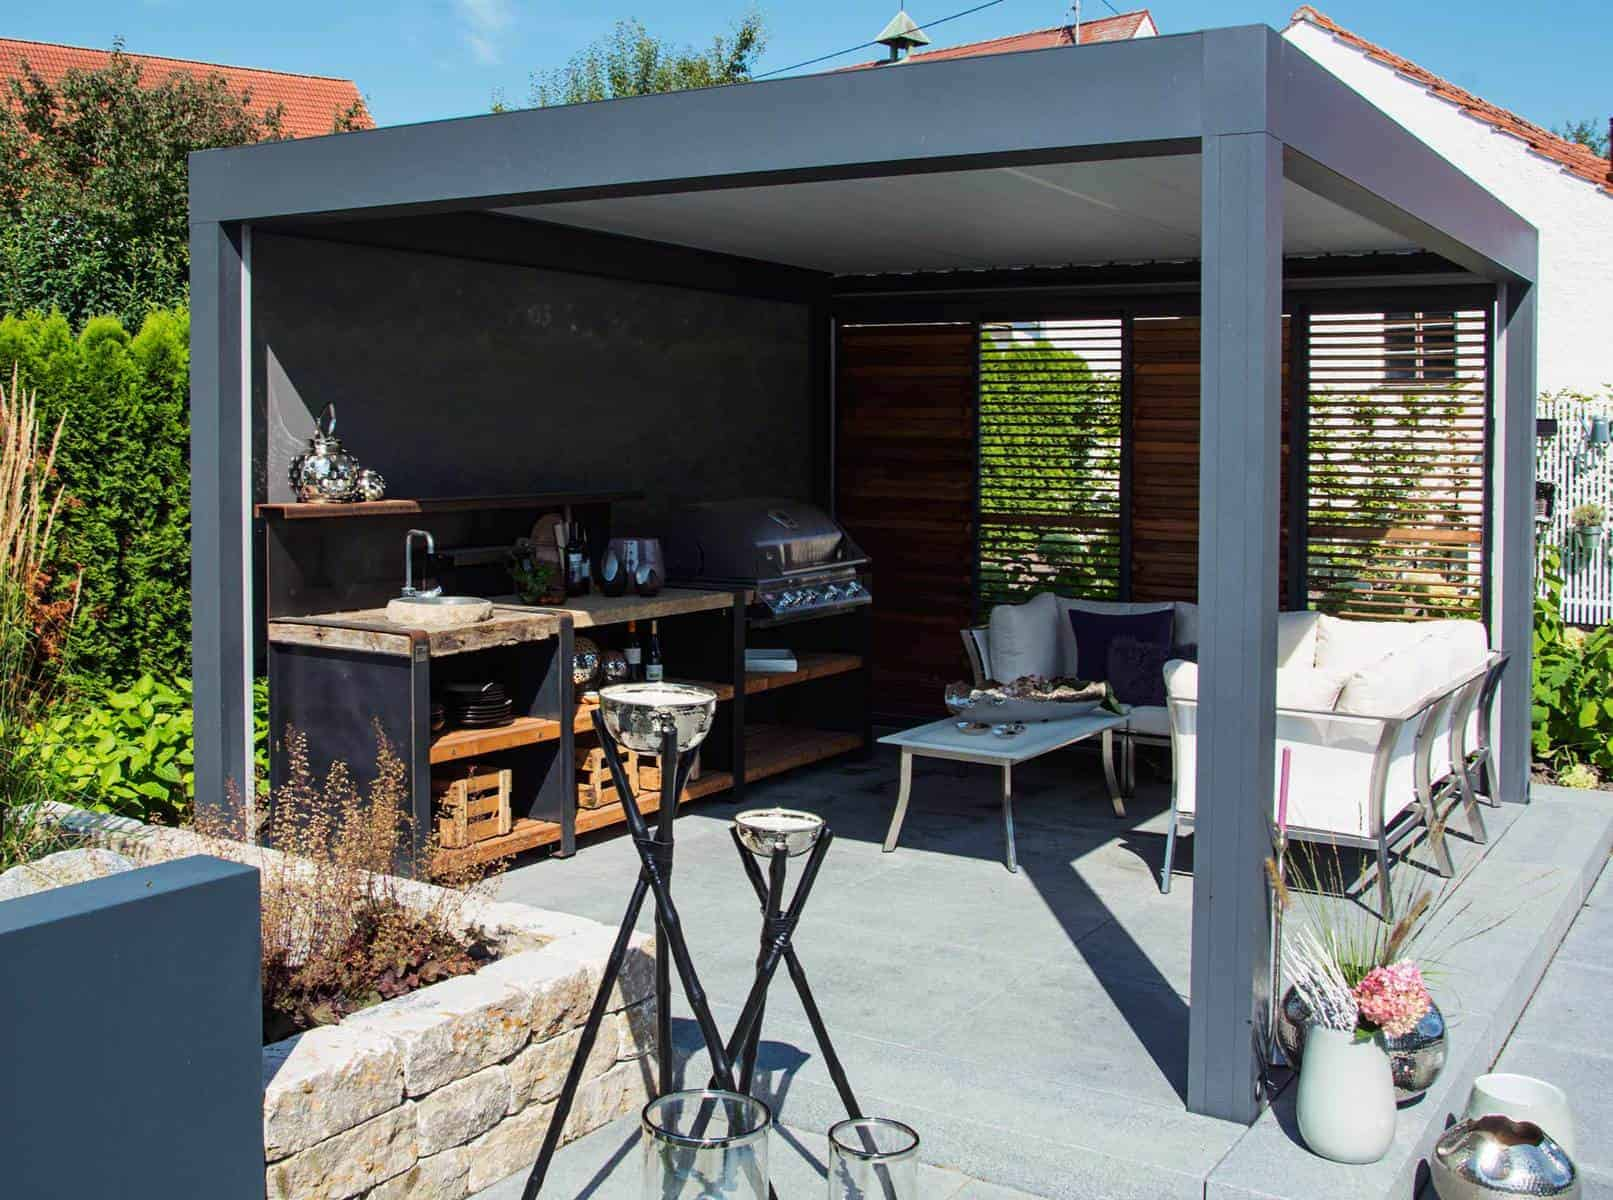 Outdoor Küchen Oehler : Outdoor küche firma oehler outdoor kitchen zeit ist luxus